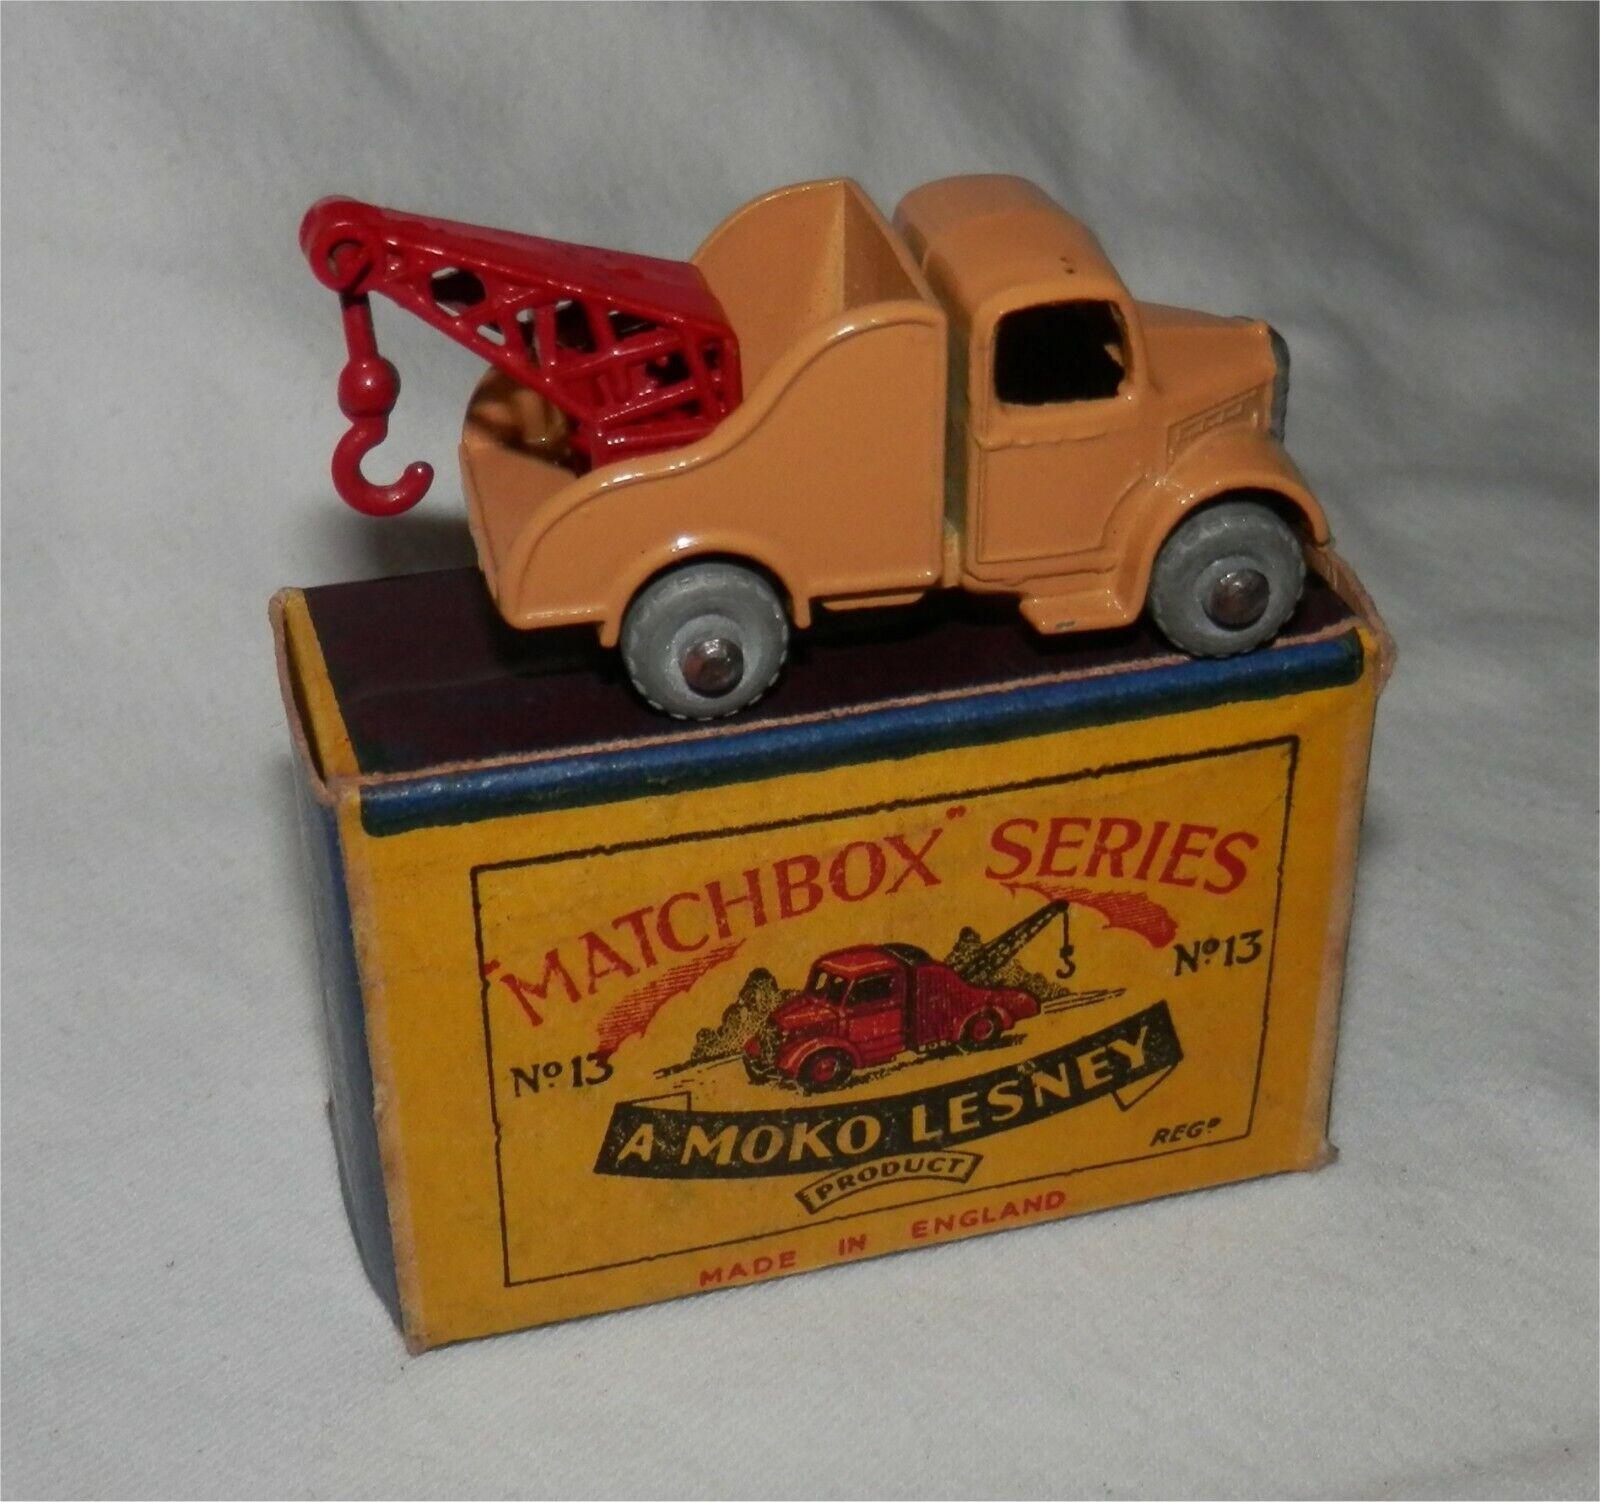 50s.MatchBox Lesney 13 BEDFORD WRECKER,breakdown,Metal wheel.MINT IN BOX orignal